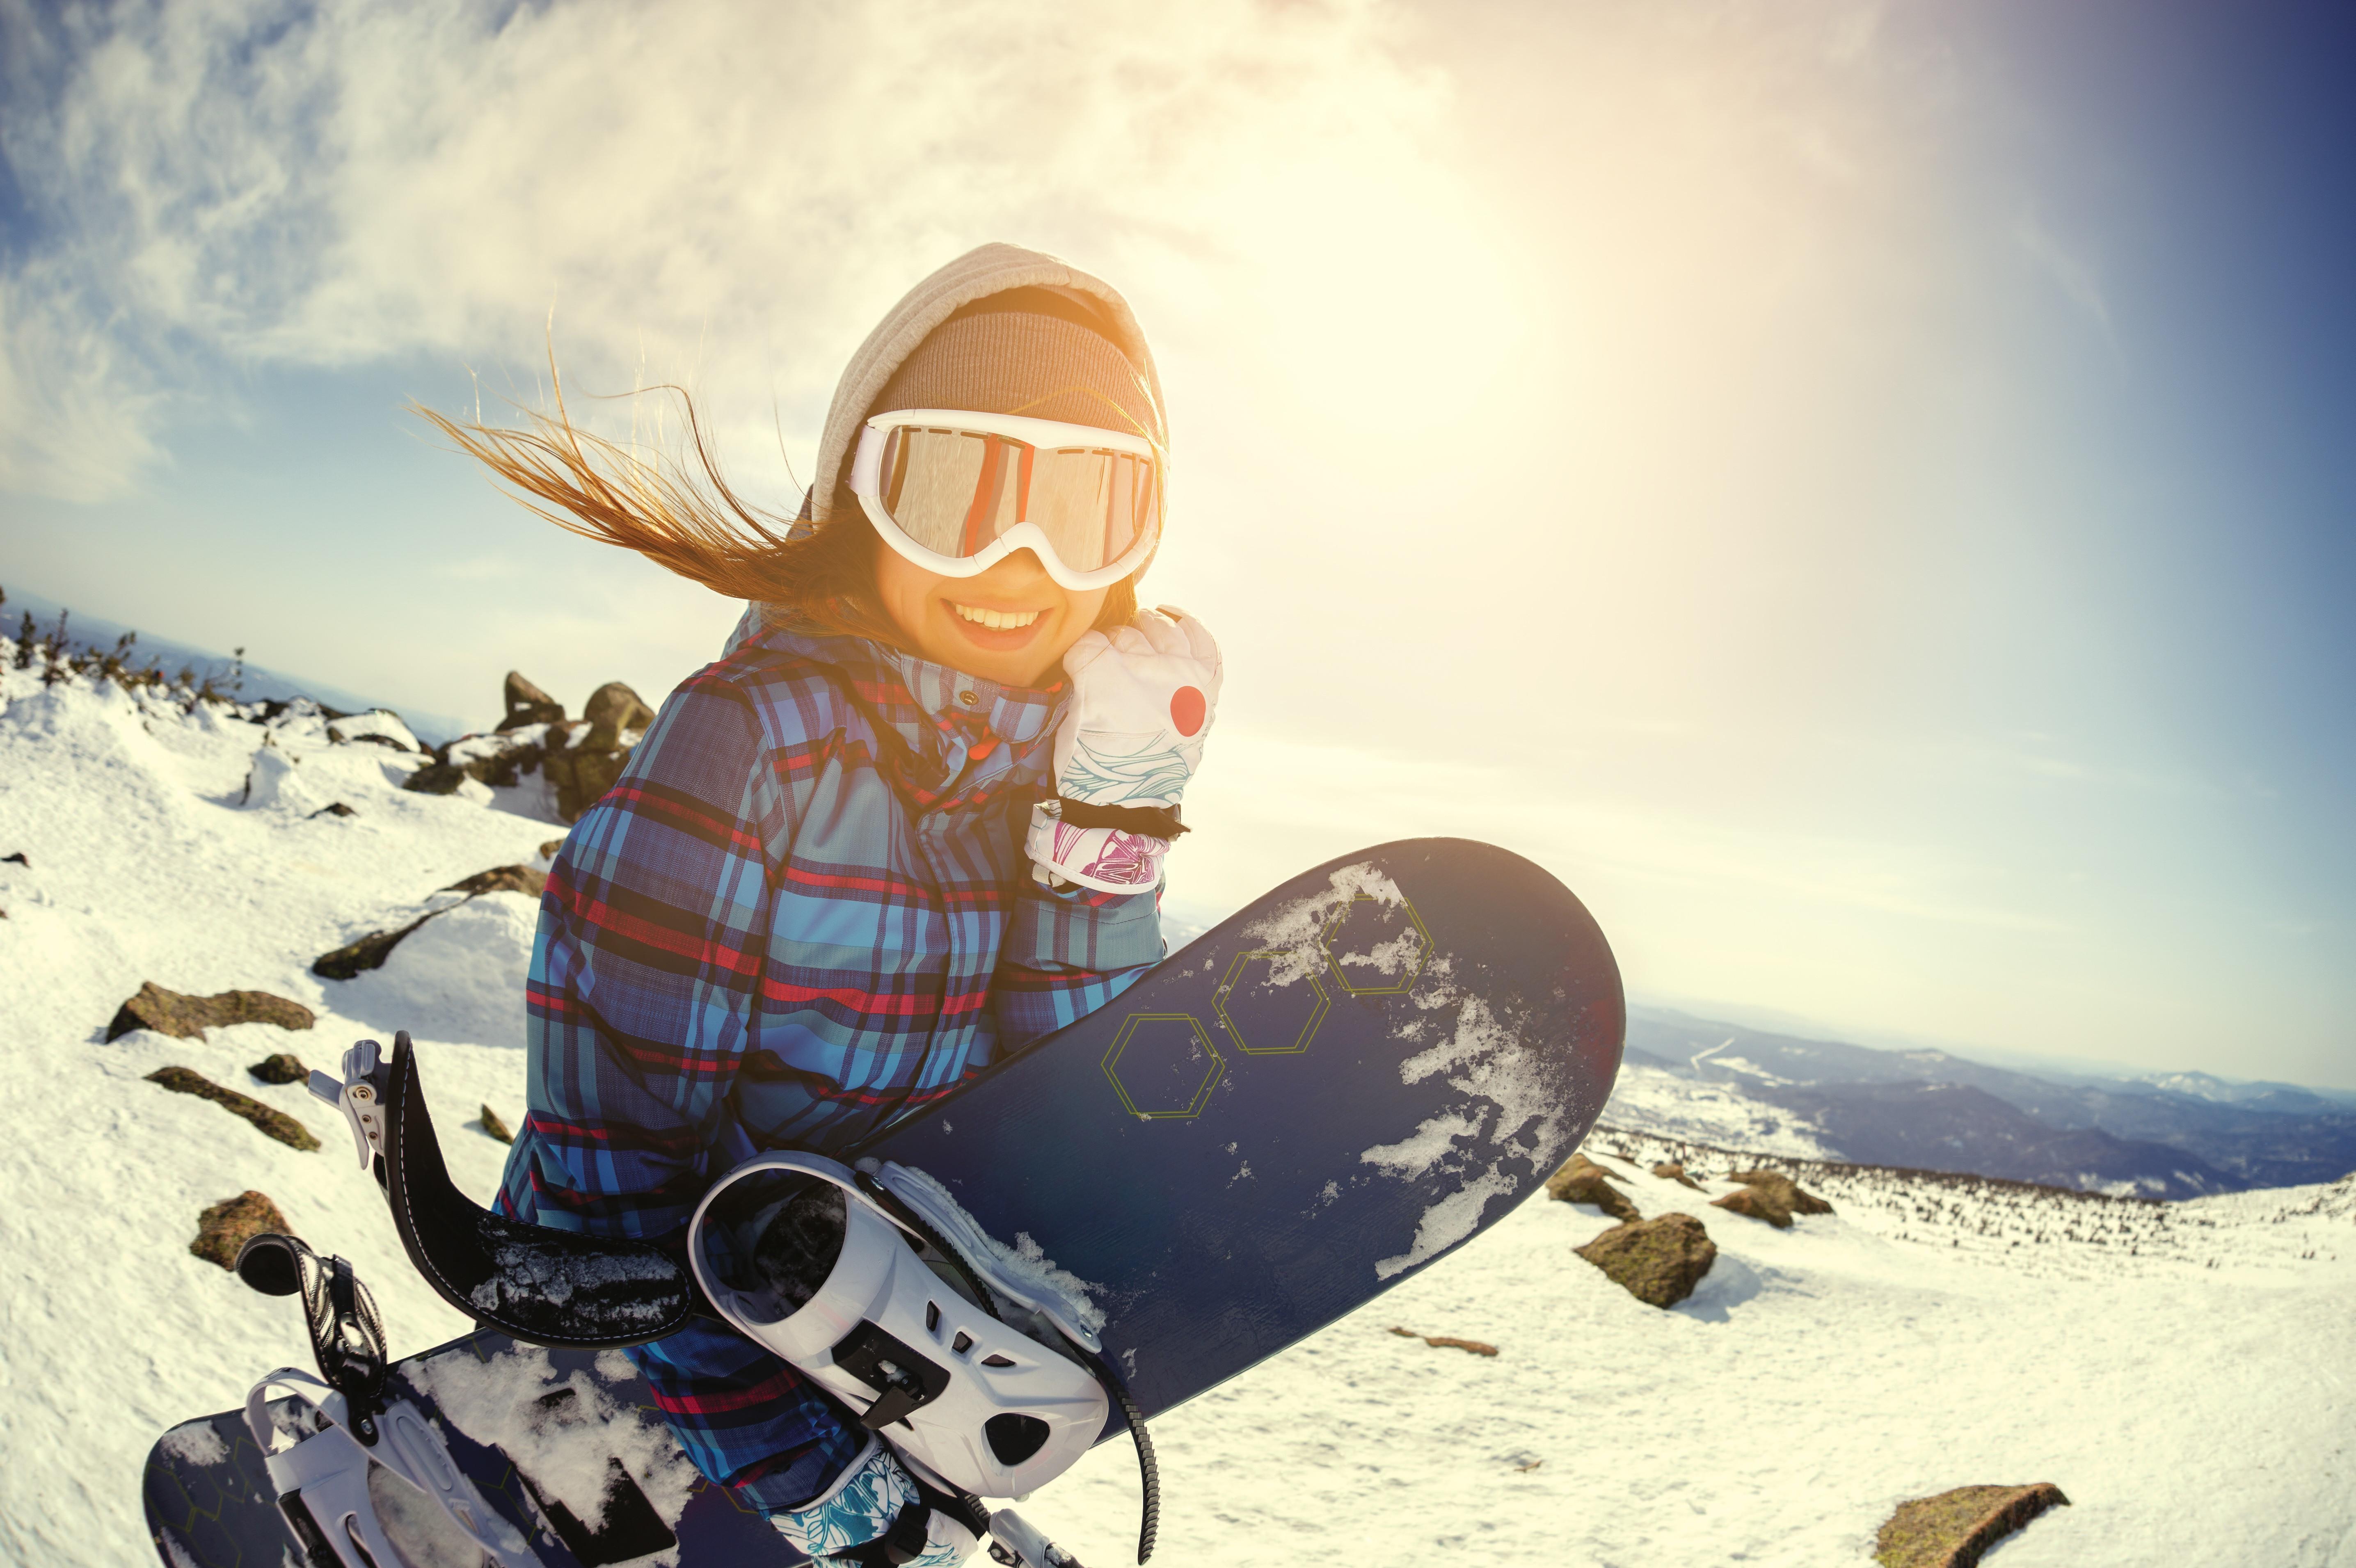 丝绸之路国际滑雪巴士1日游[轻奢旅行]乌鲁木齐出发 中级道全天畅玩 可选择升级高山道